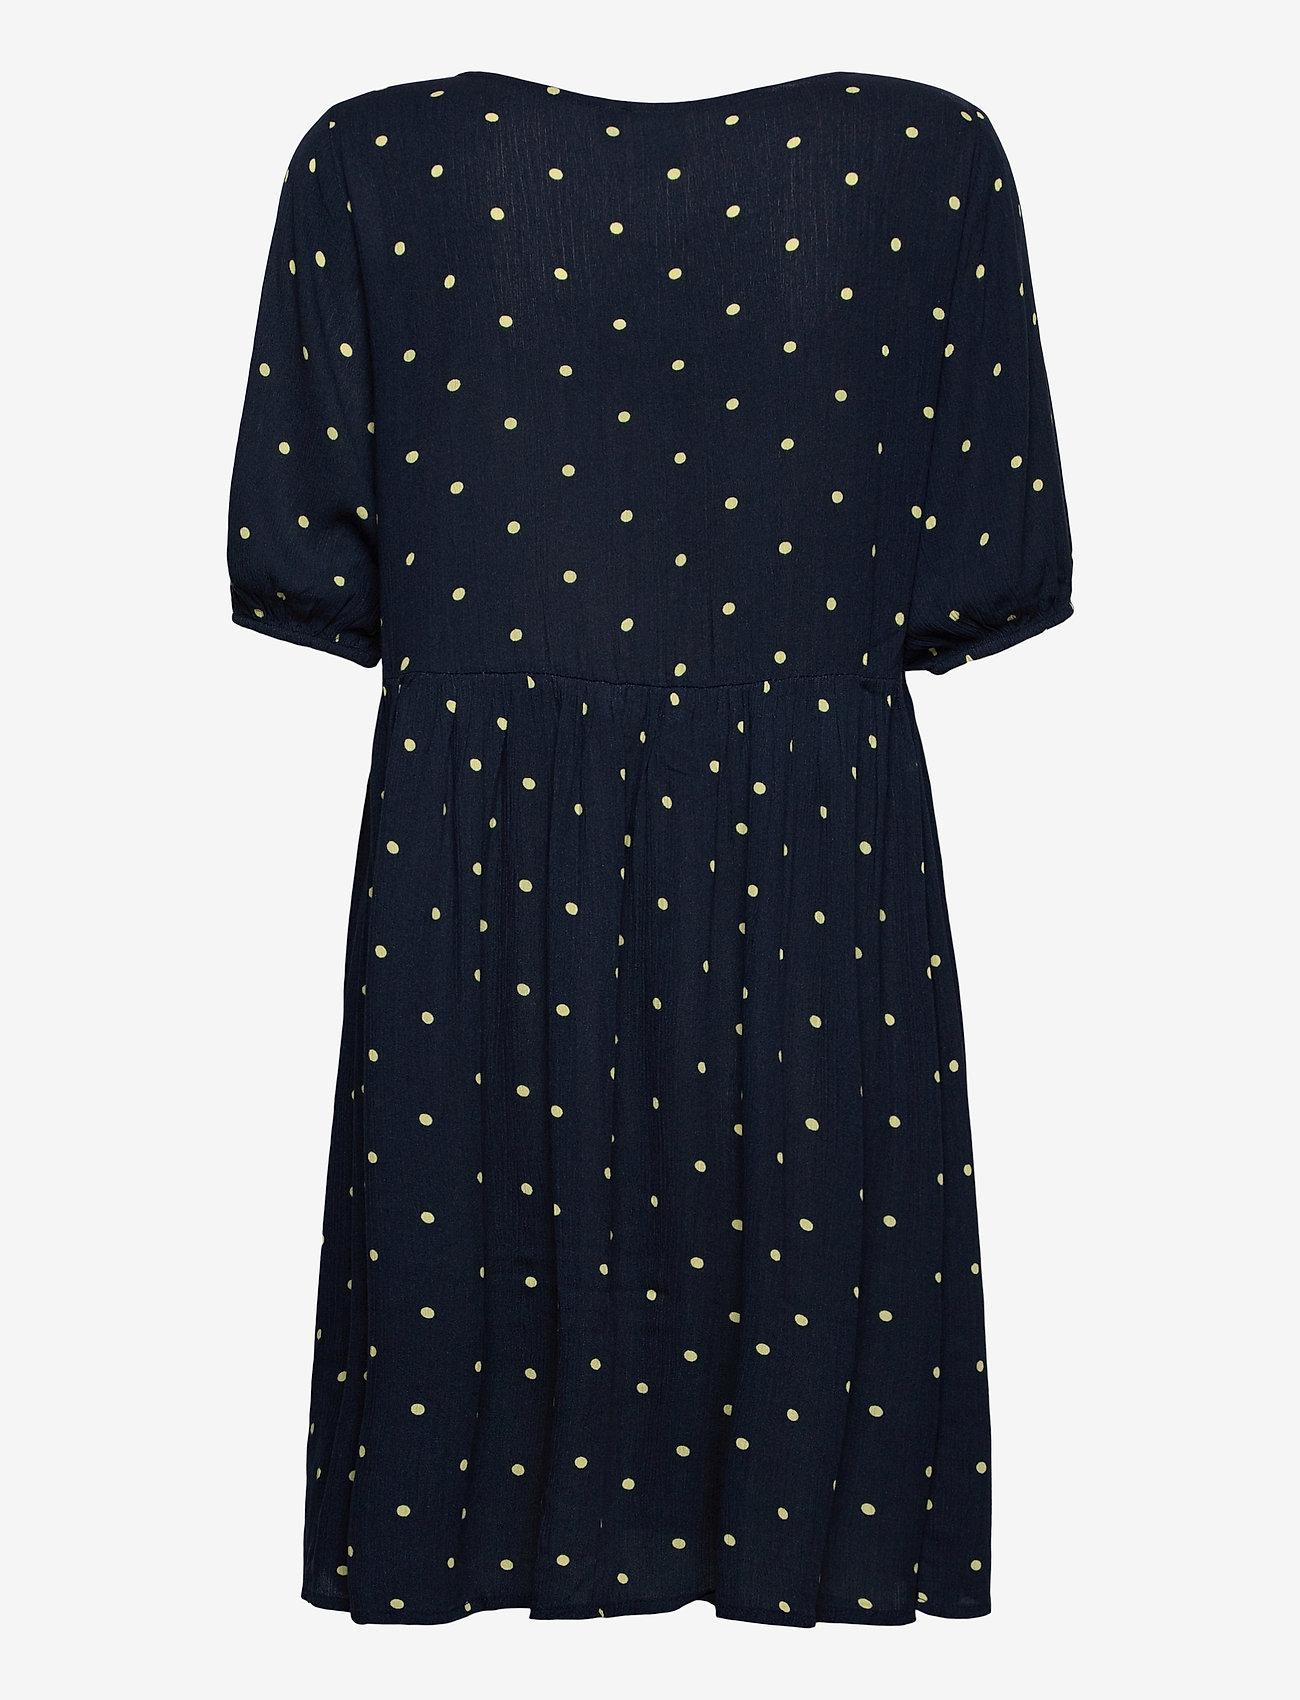 ICHI - IHMARRAKECH AOP DR7 - summer dresses - total eclipse dot - 1